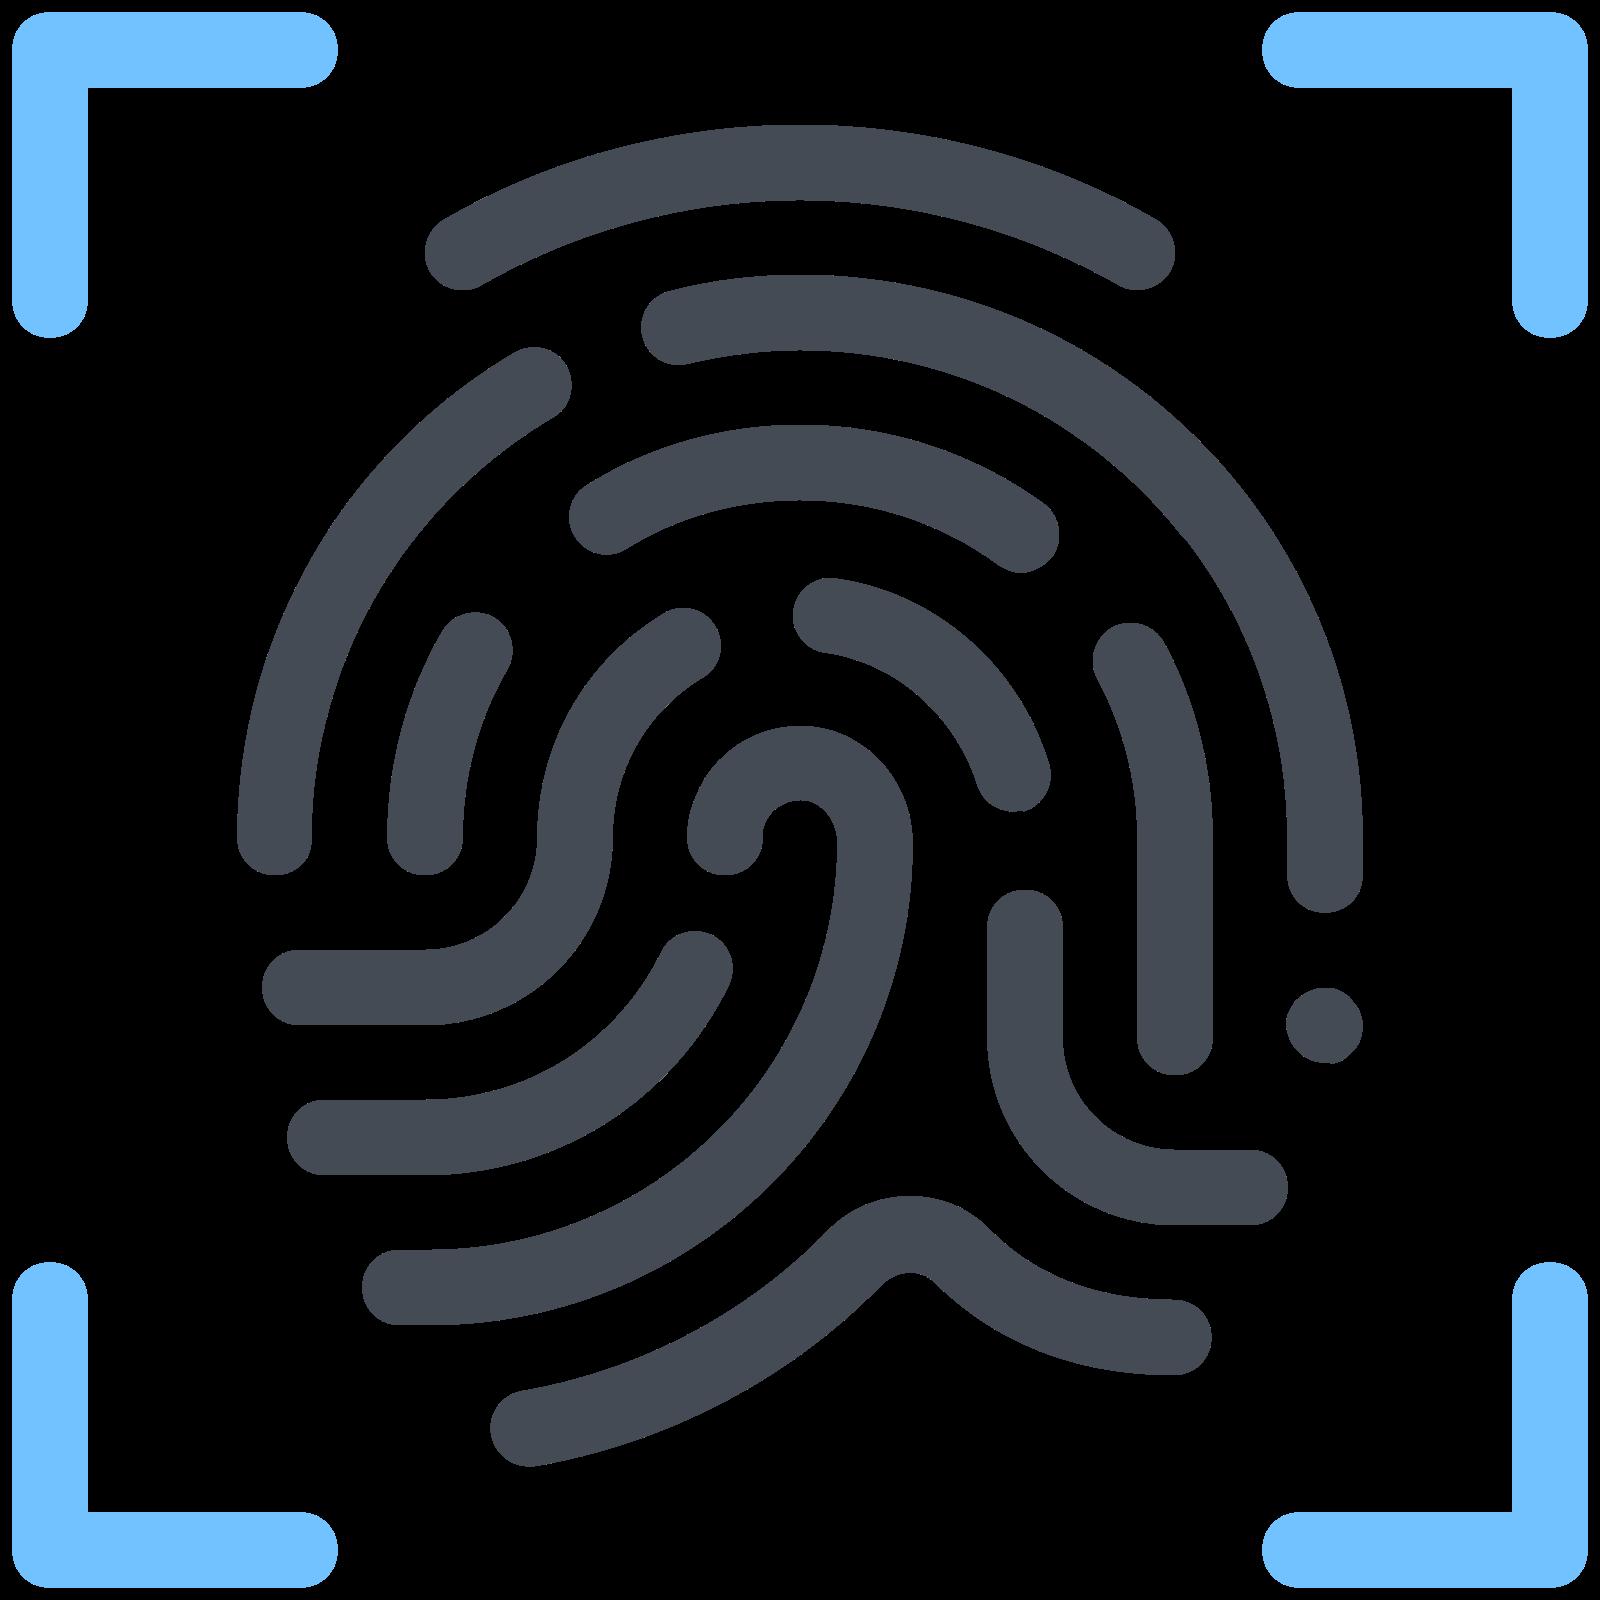 Fingerprint Recognition icon